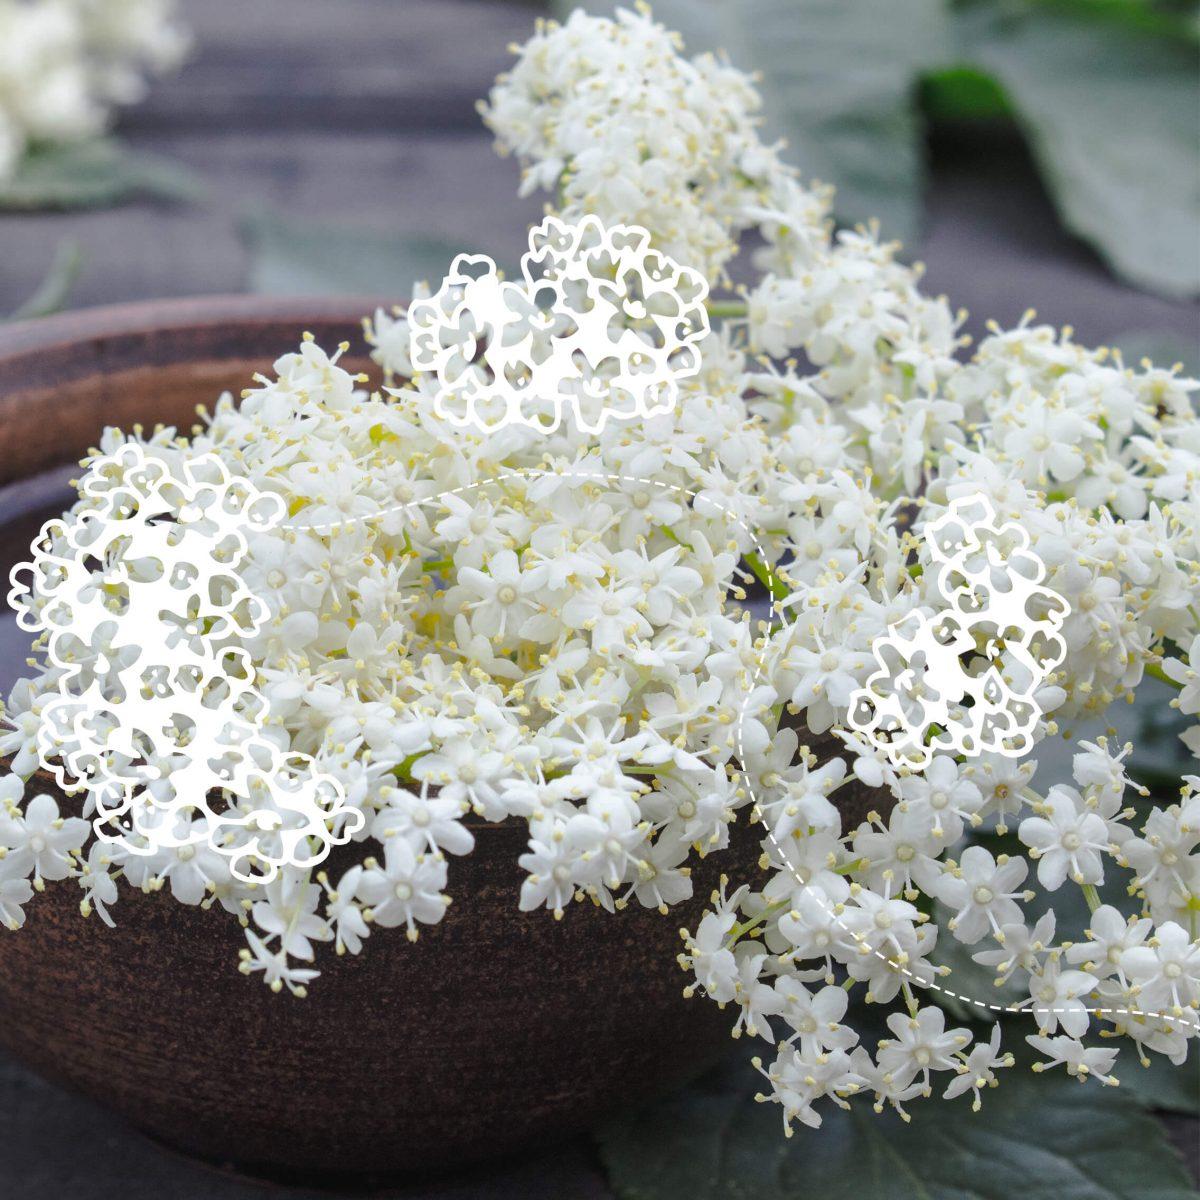 kwiaty czarnego bzu w dużej misce